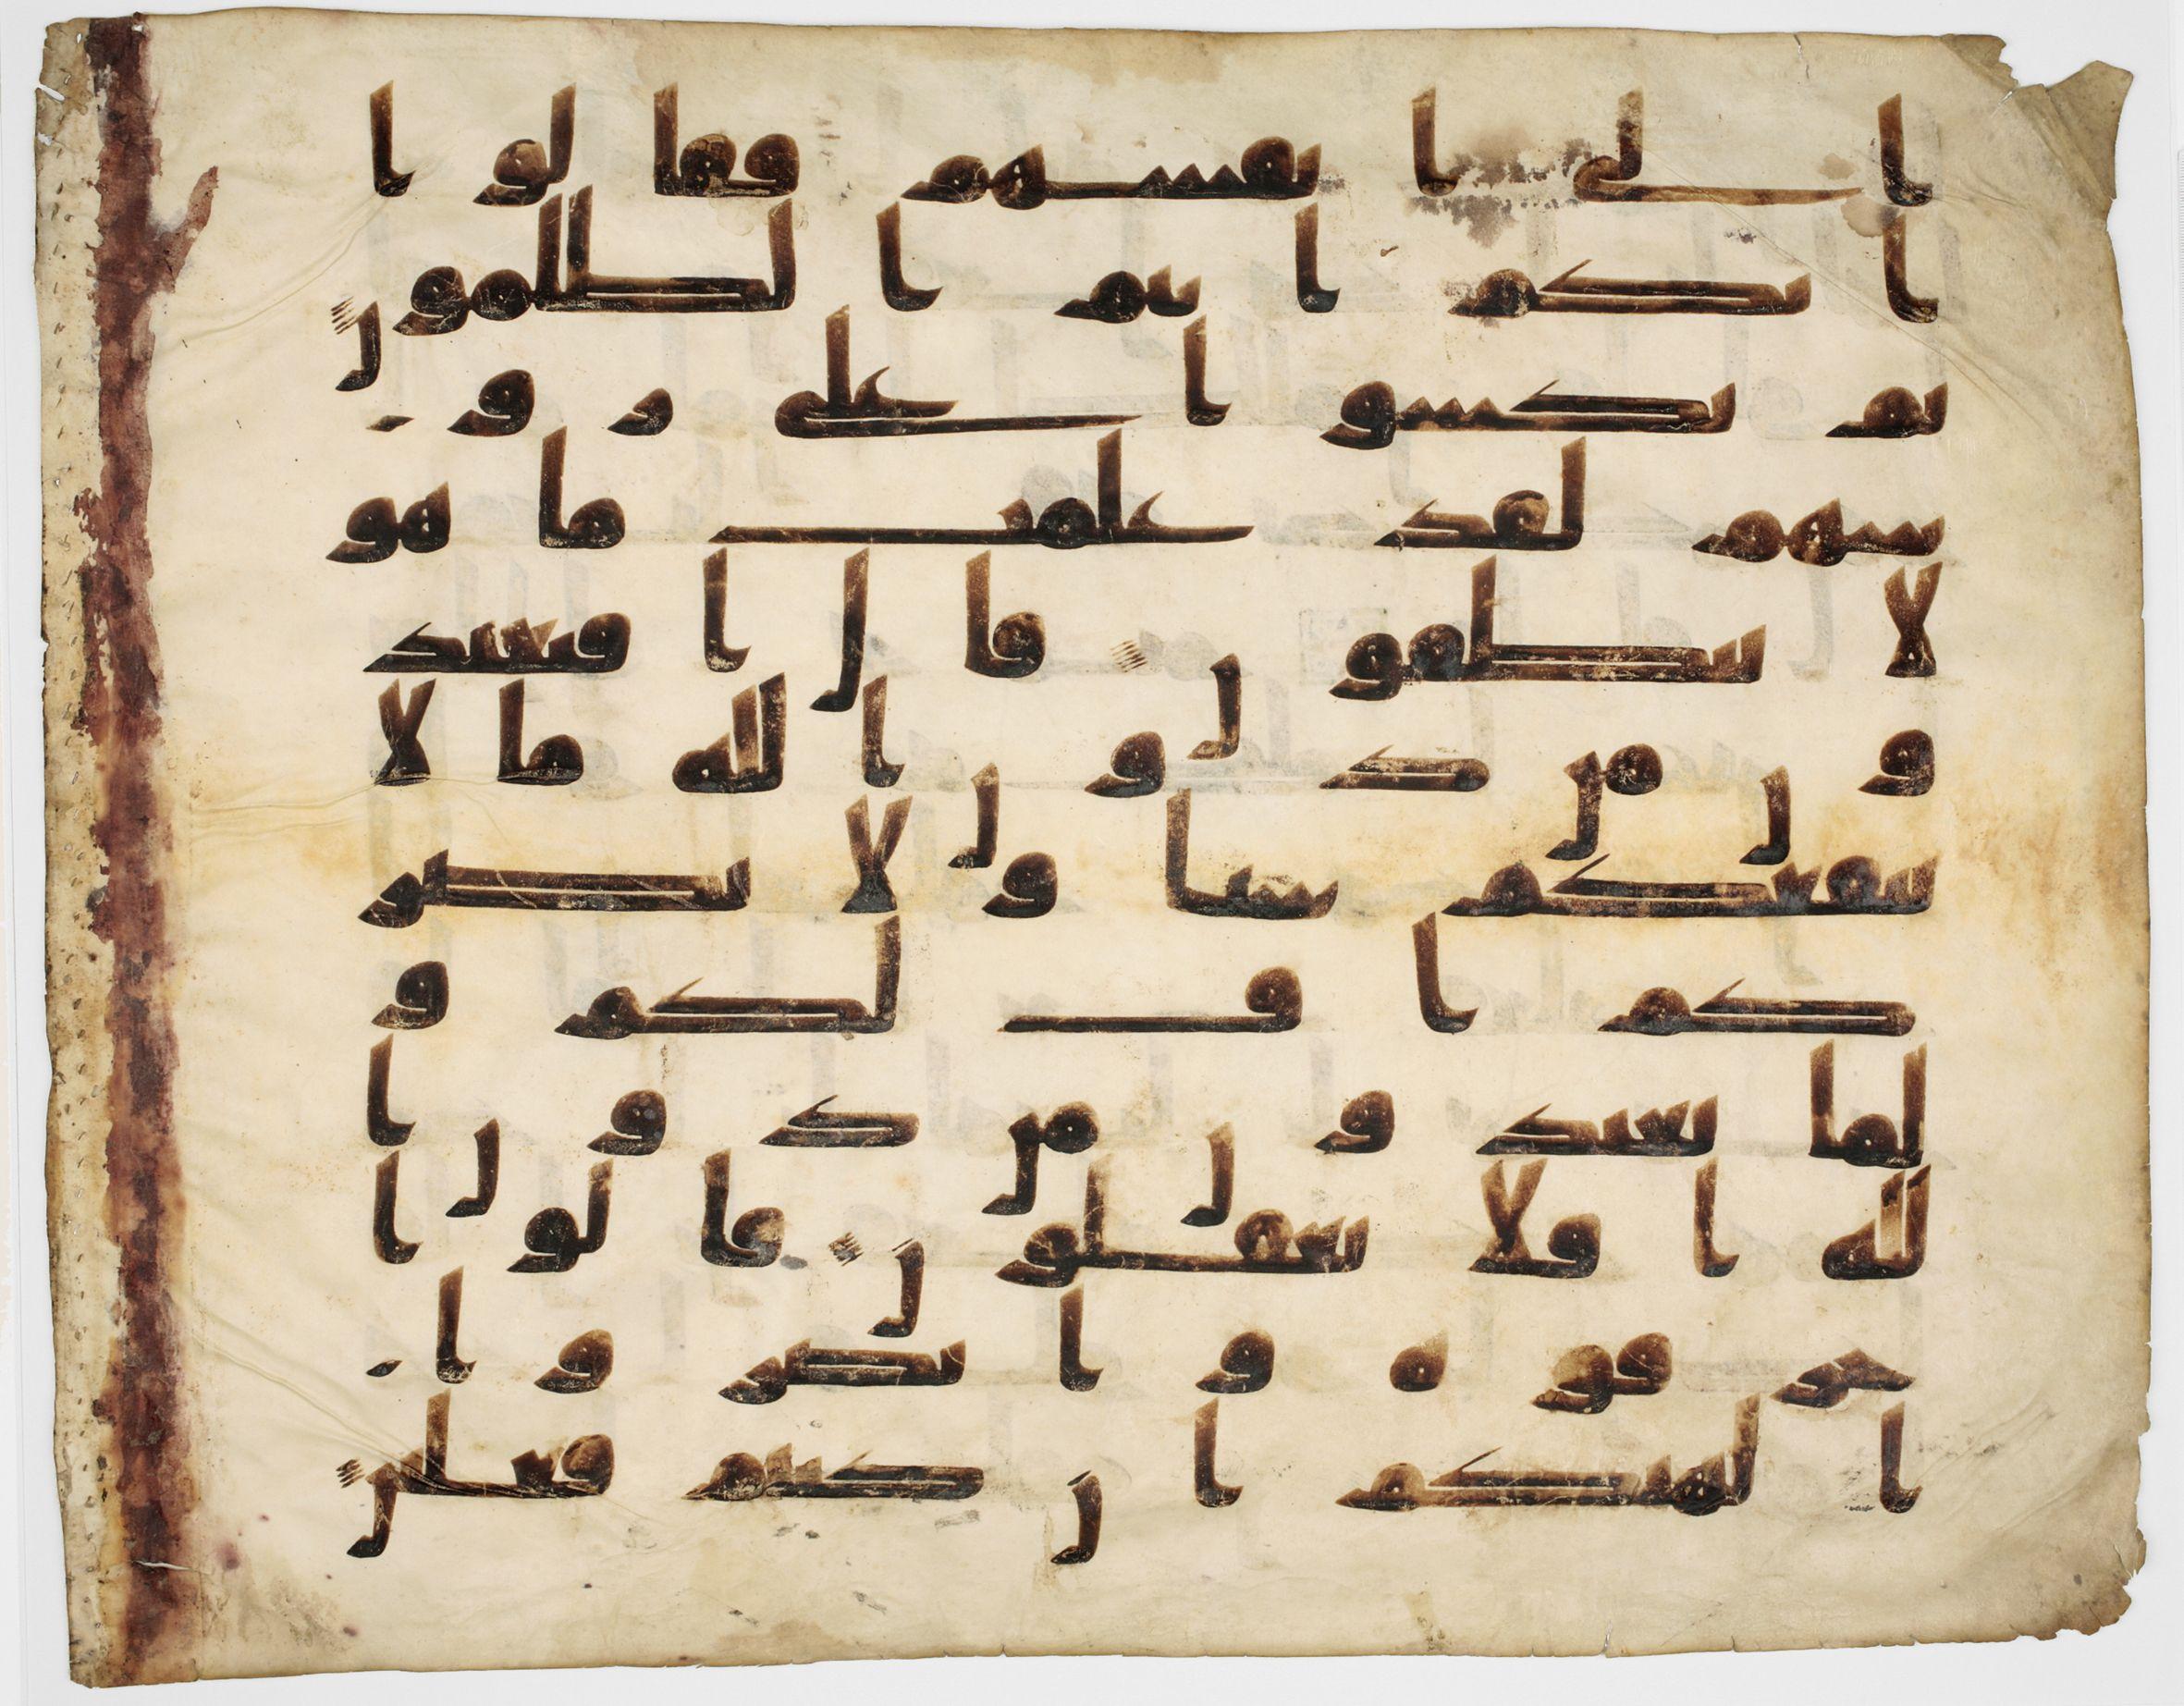 Quran Summary By Sura